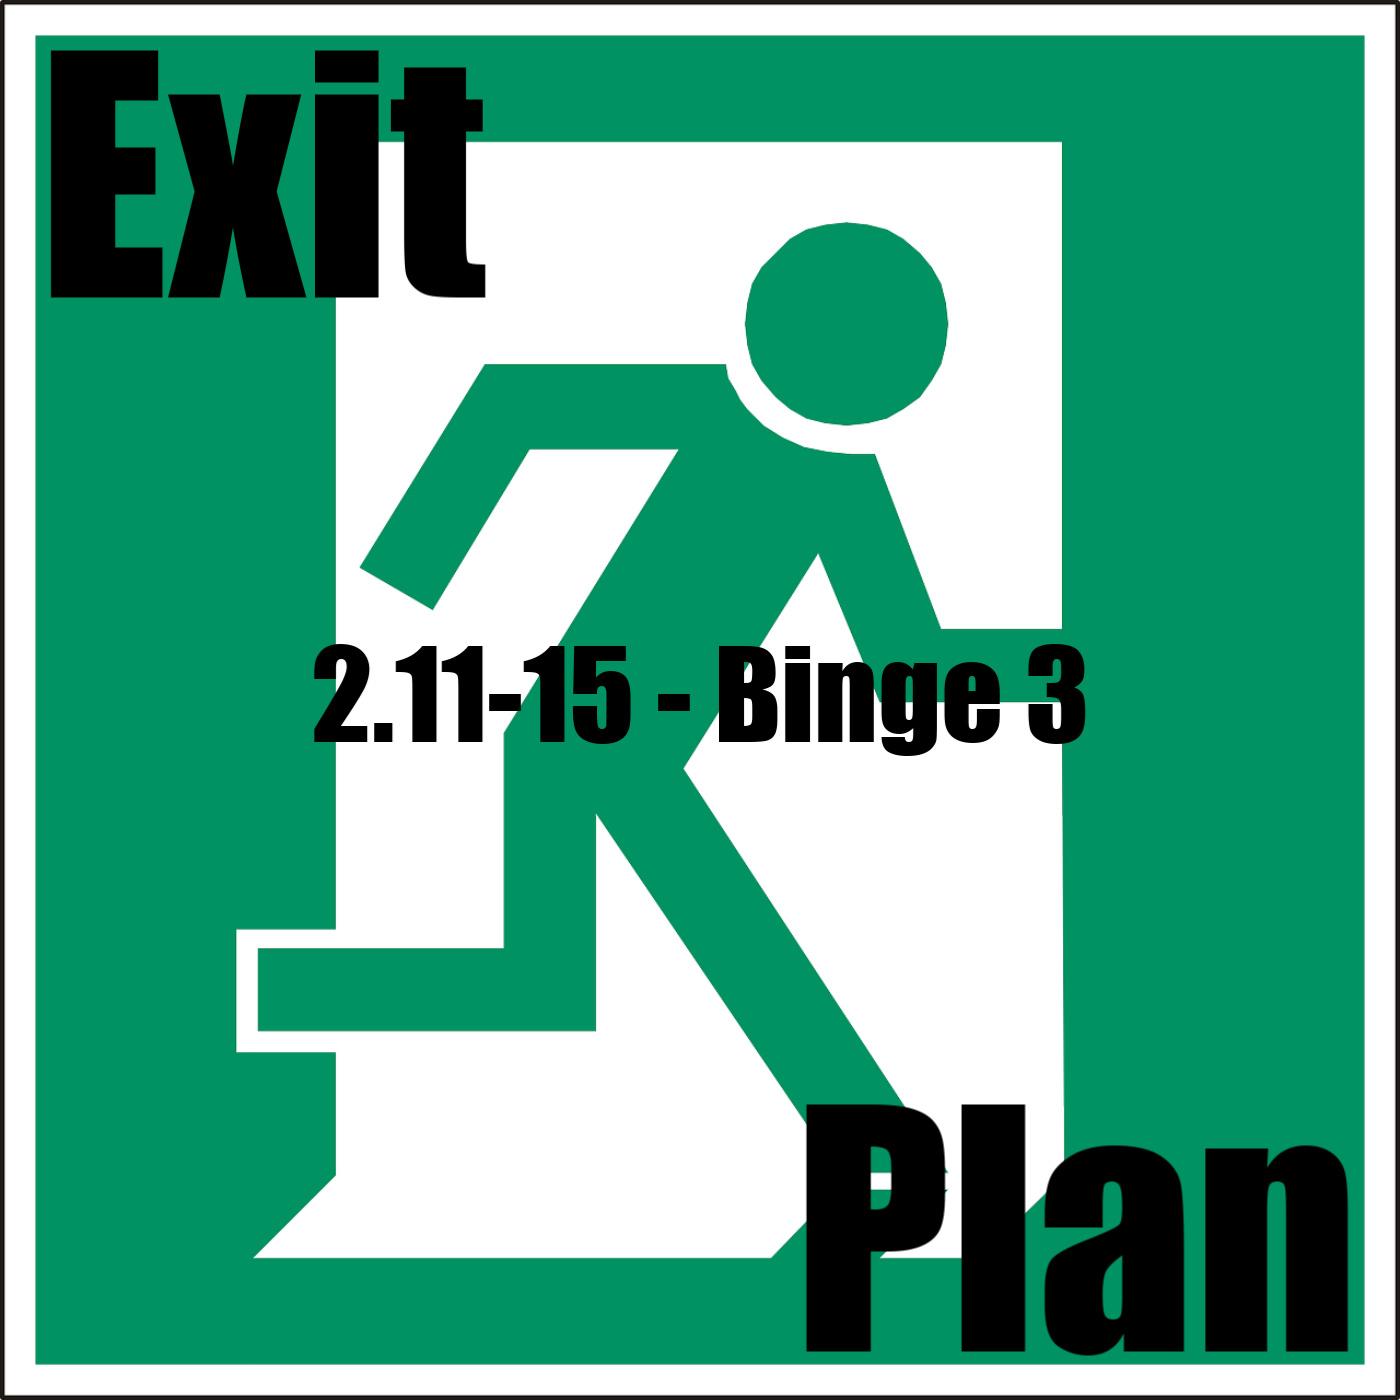 Exit Plan 2.11-15 Binge 3